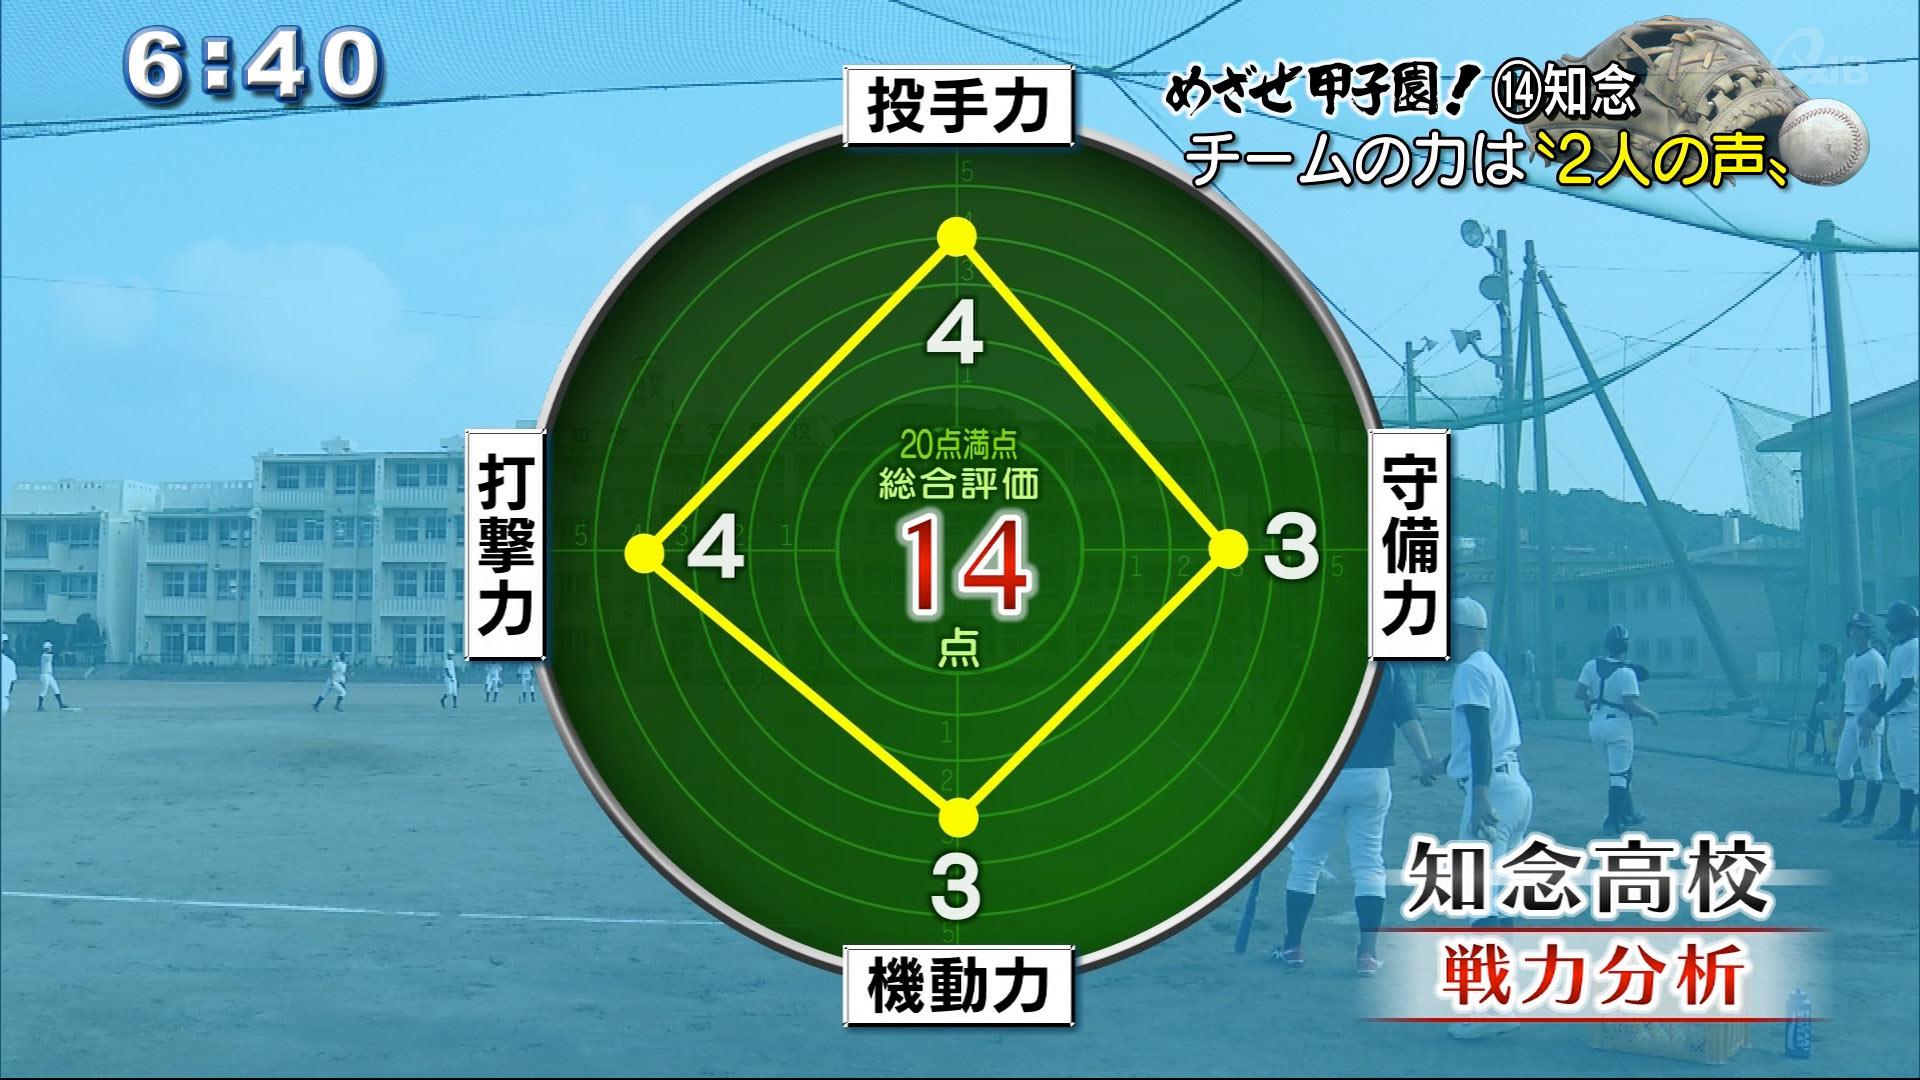 打撃4 守備3 機動3!投手力4